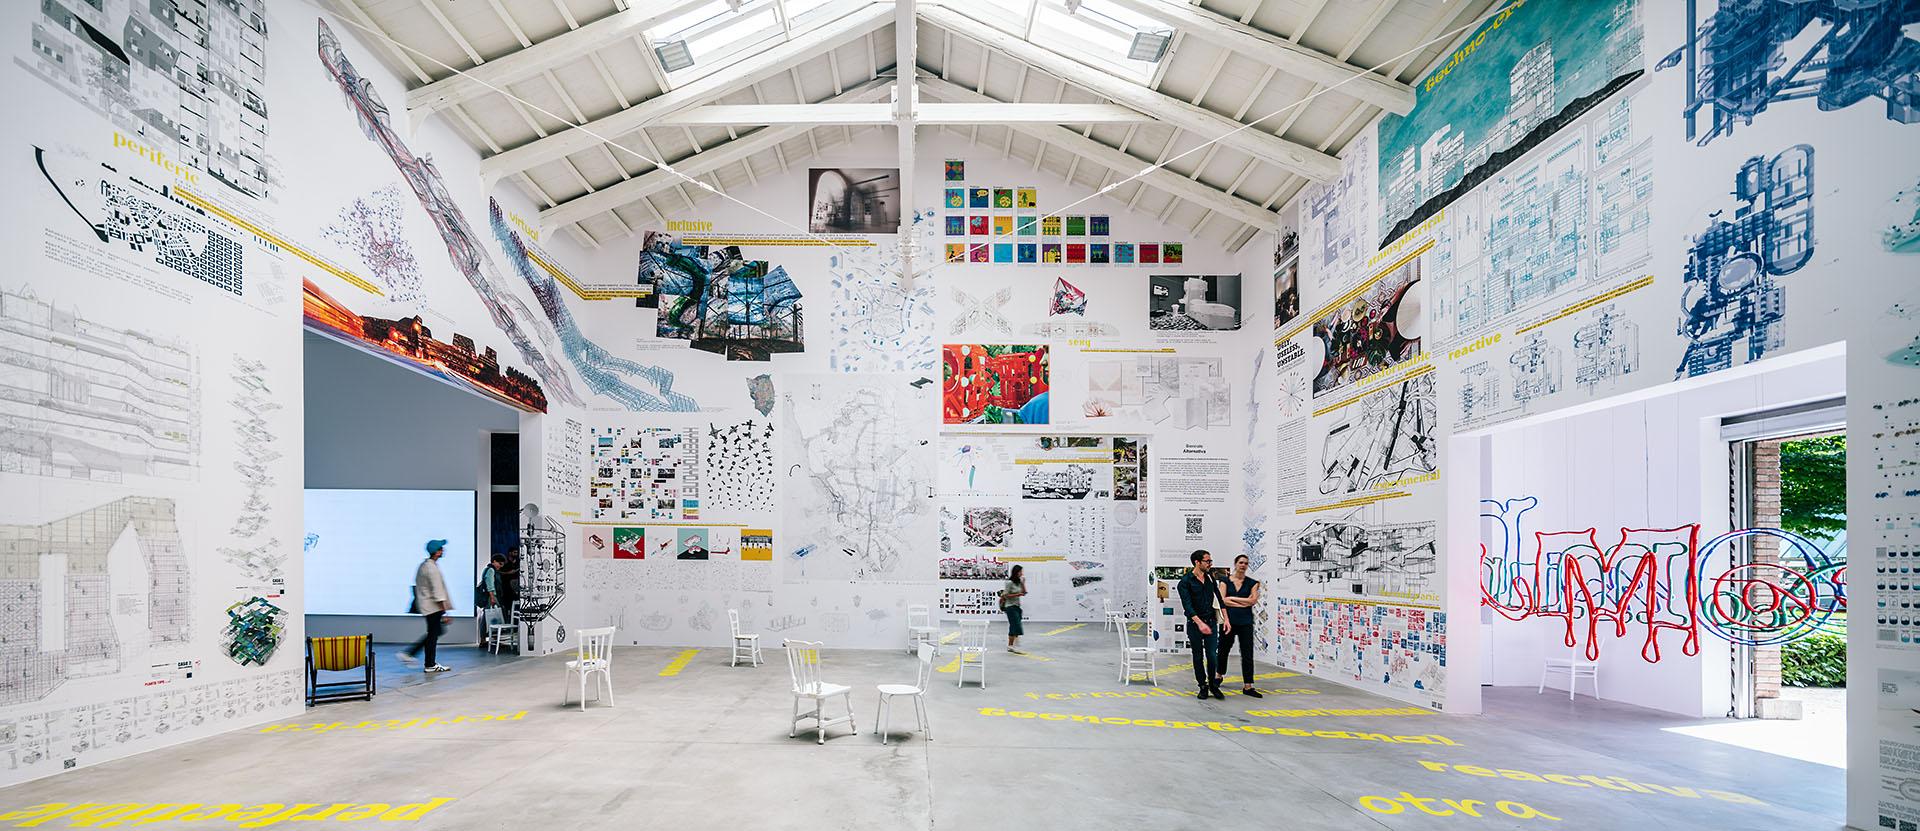 180524 Biennale di Venezia Becoming press_ImagenSubliminal (Miguel de Guzman + Rocio Romero)  002.jpg